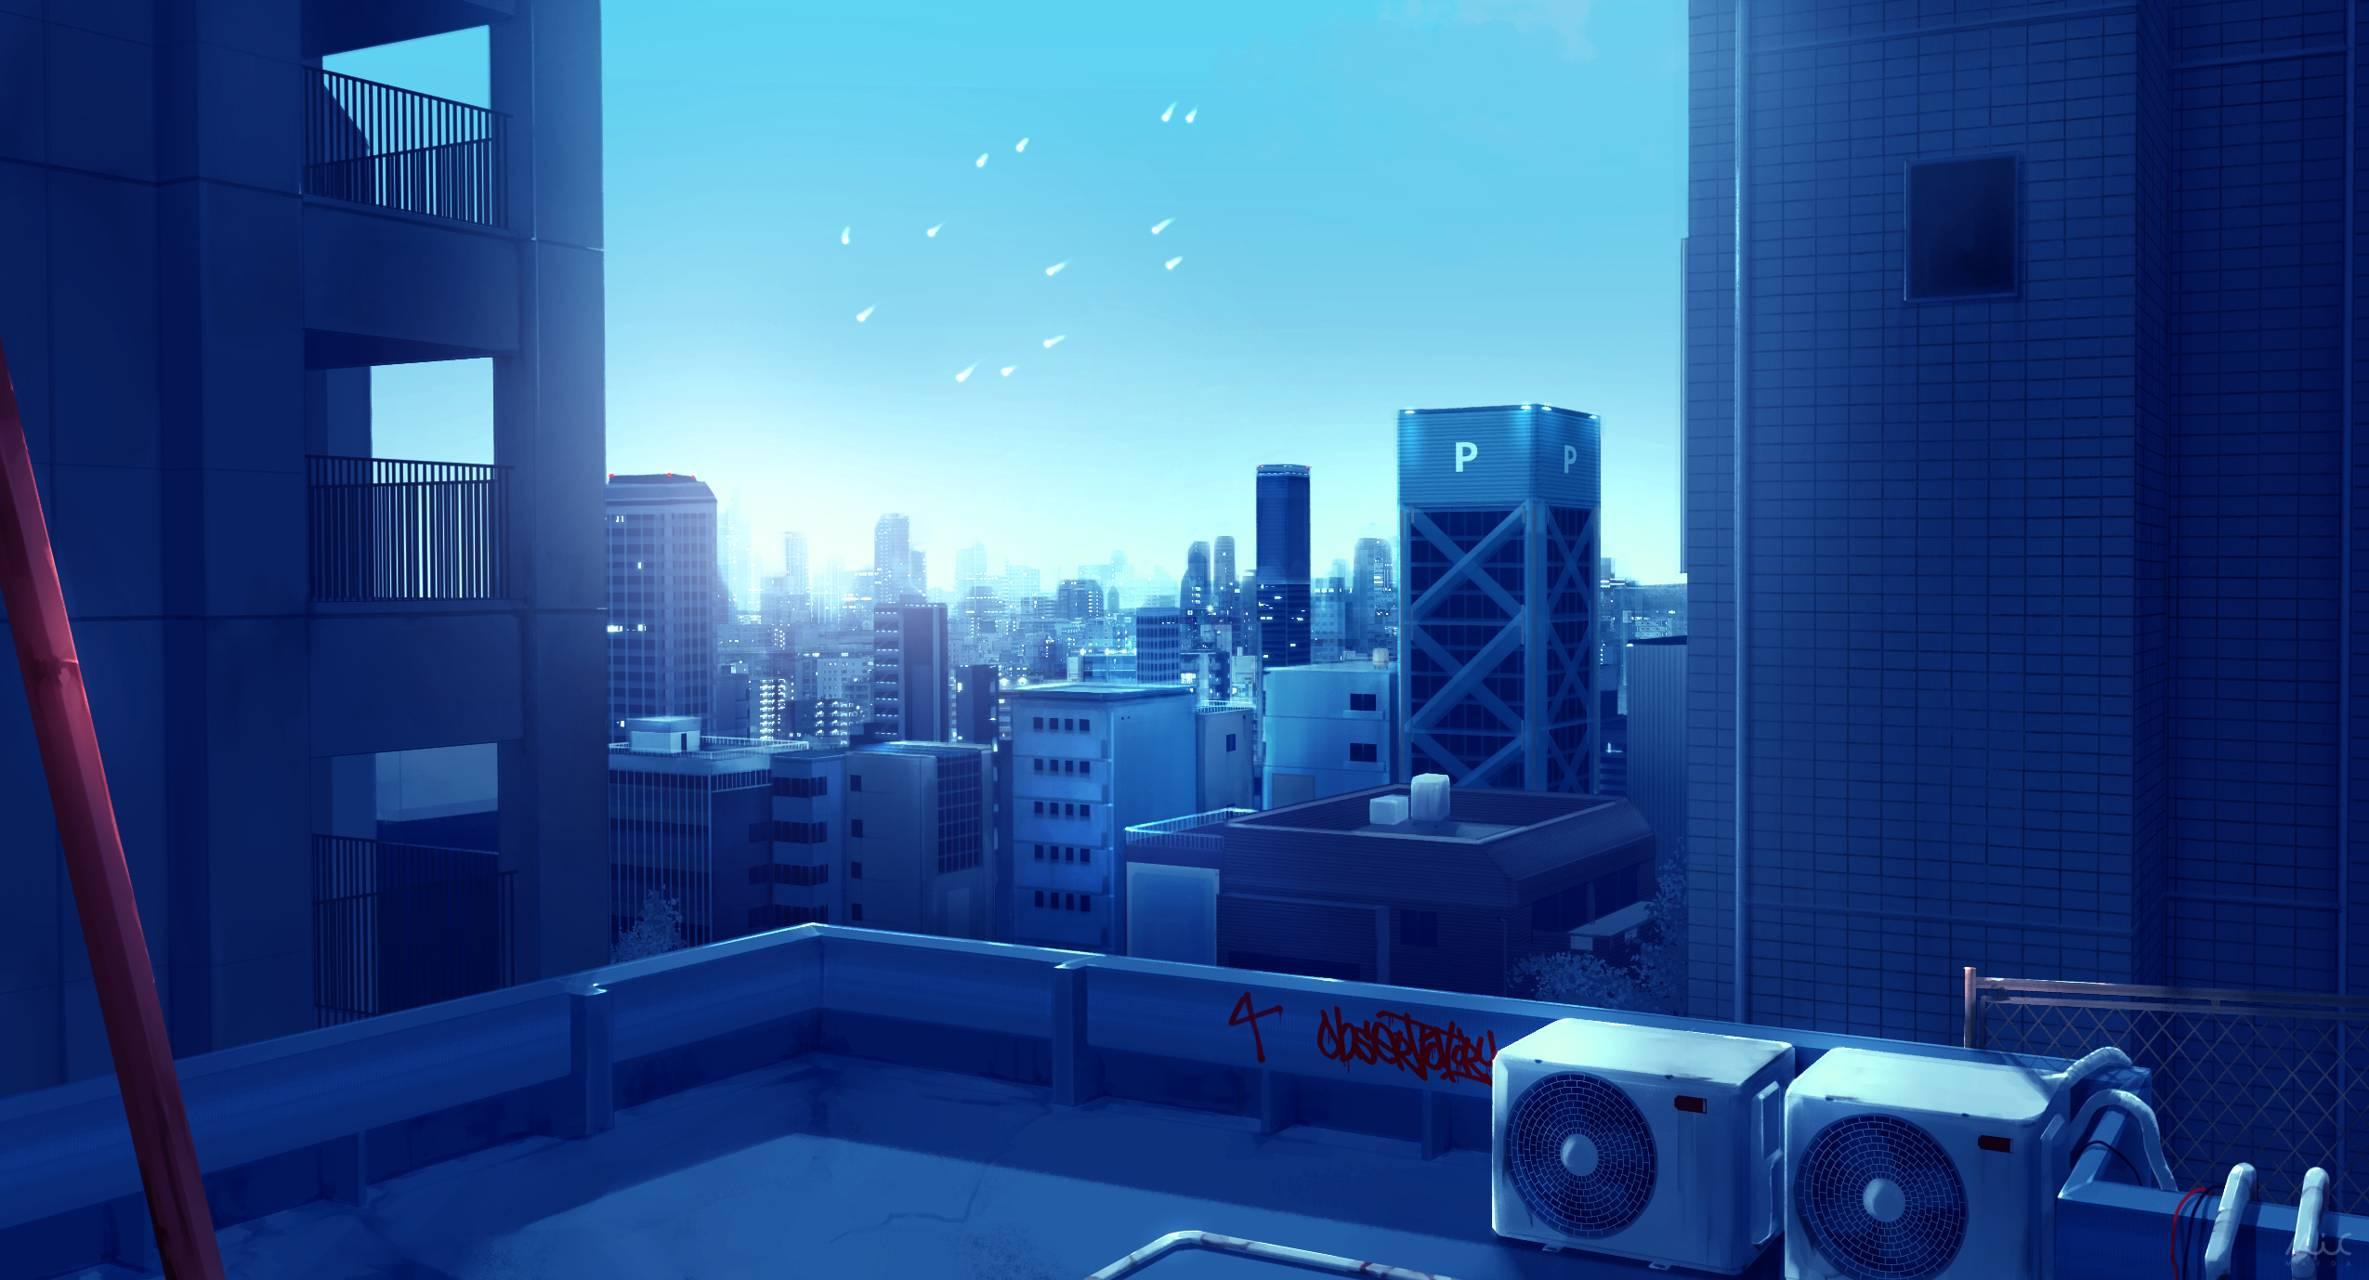 Anime City Scenery